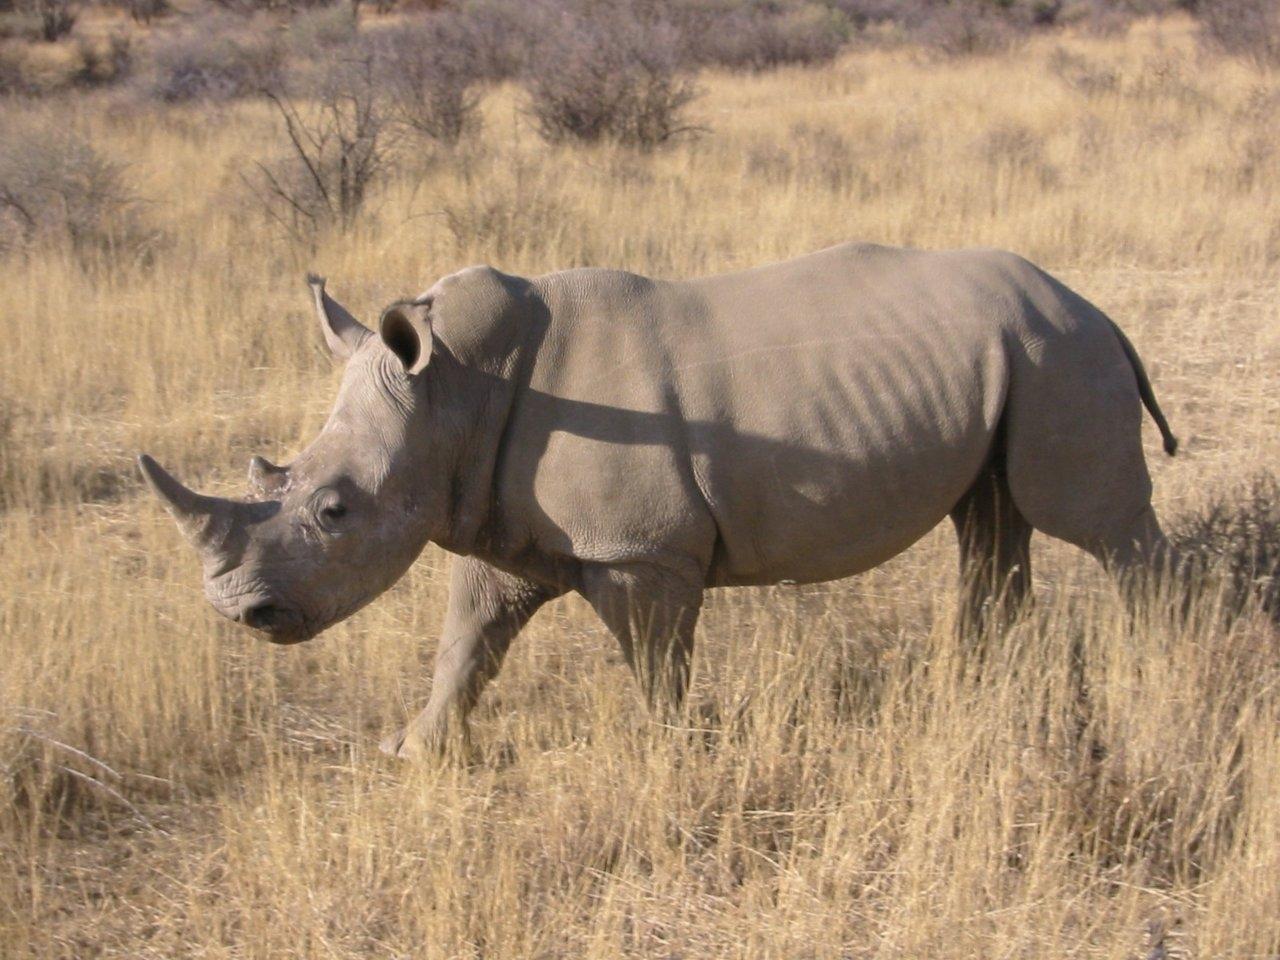 The Vietnamese Javan Rhino subspecies has 5 rhinos